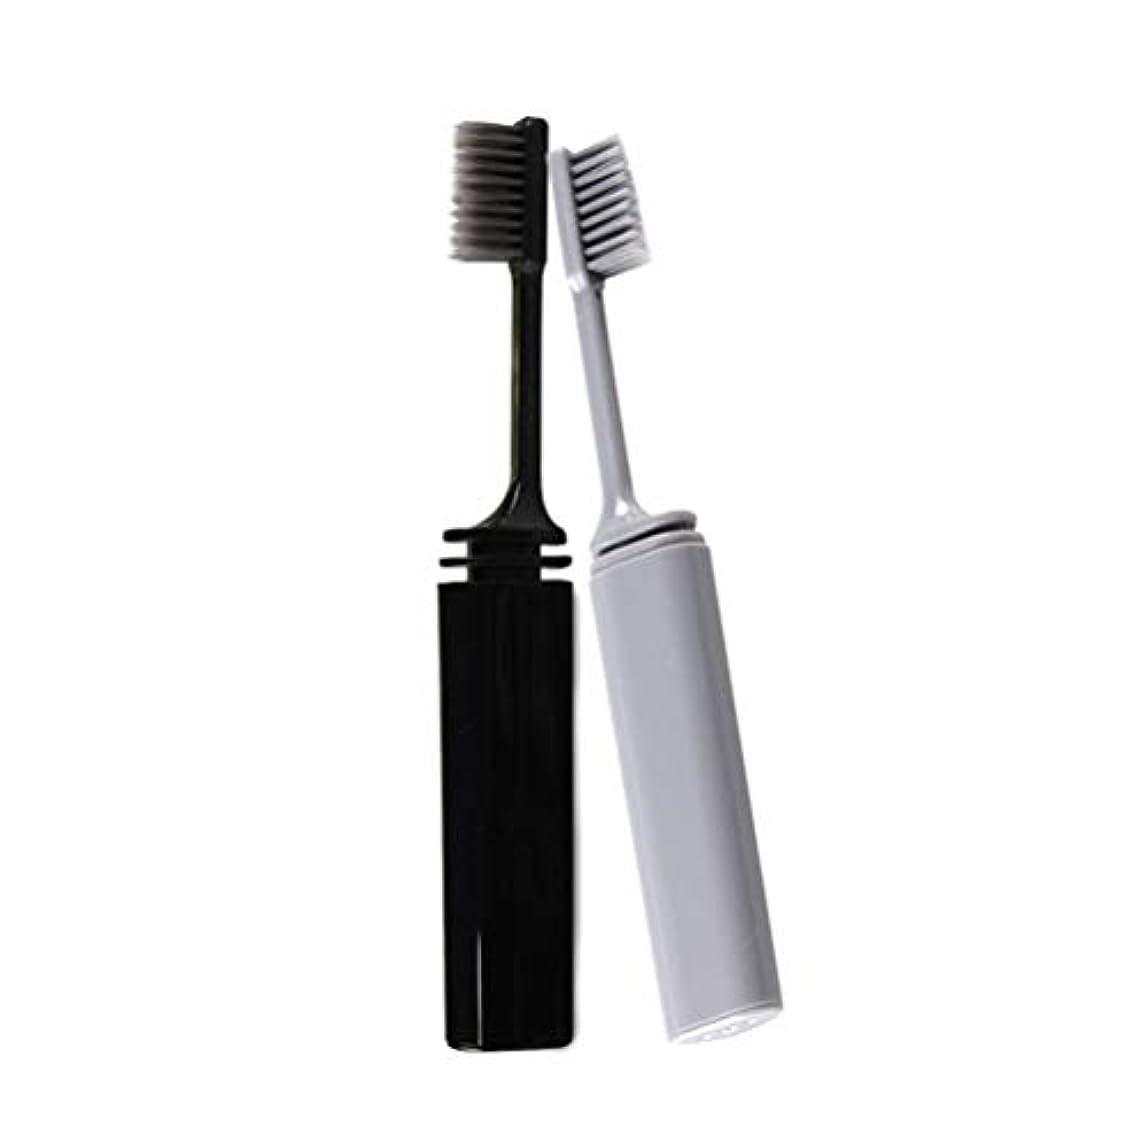 円周お嬢苦しむHealifty 旅行用携帯用歯ブラシ折りたたみ竹炭歯ブラシ2本(グレー+ブラック)